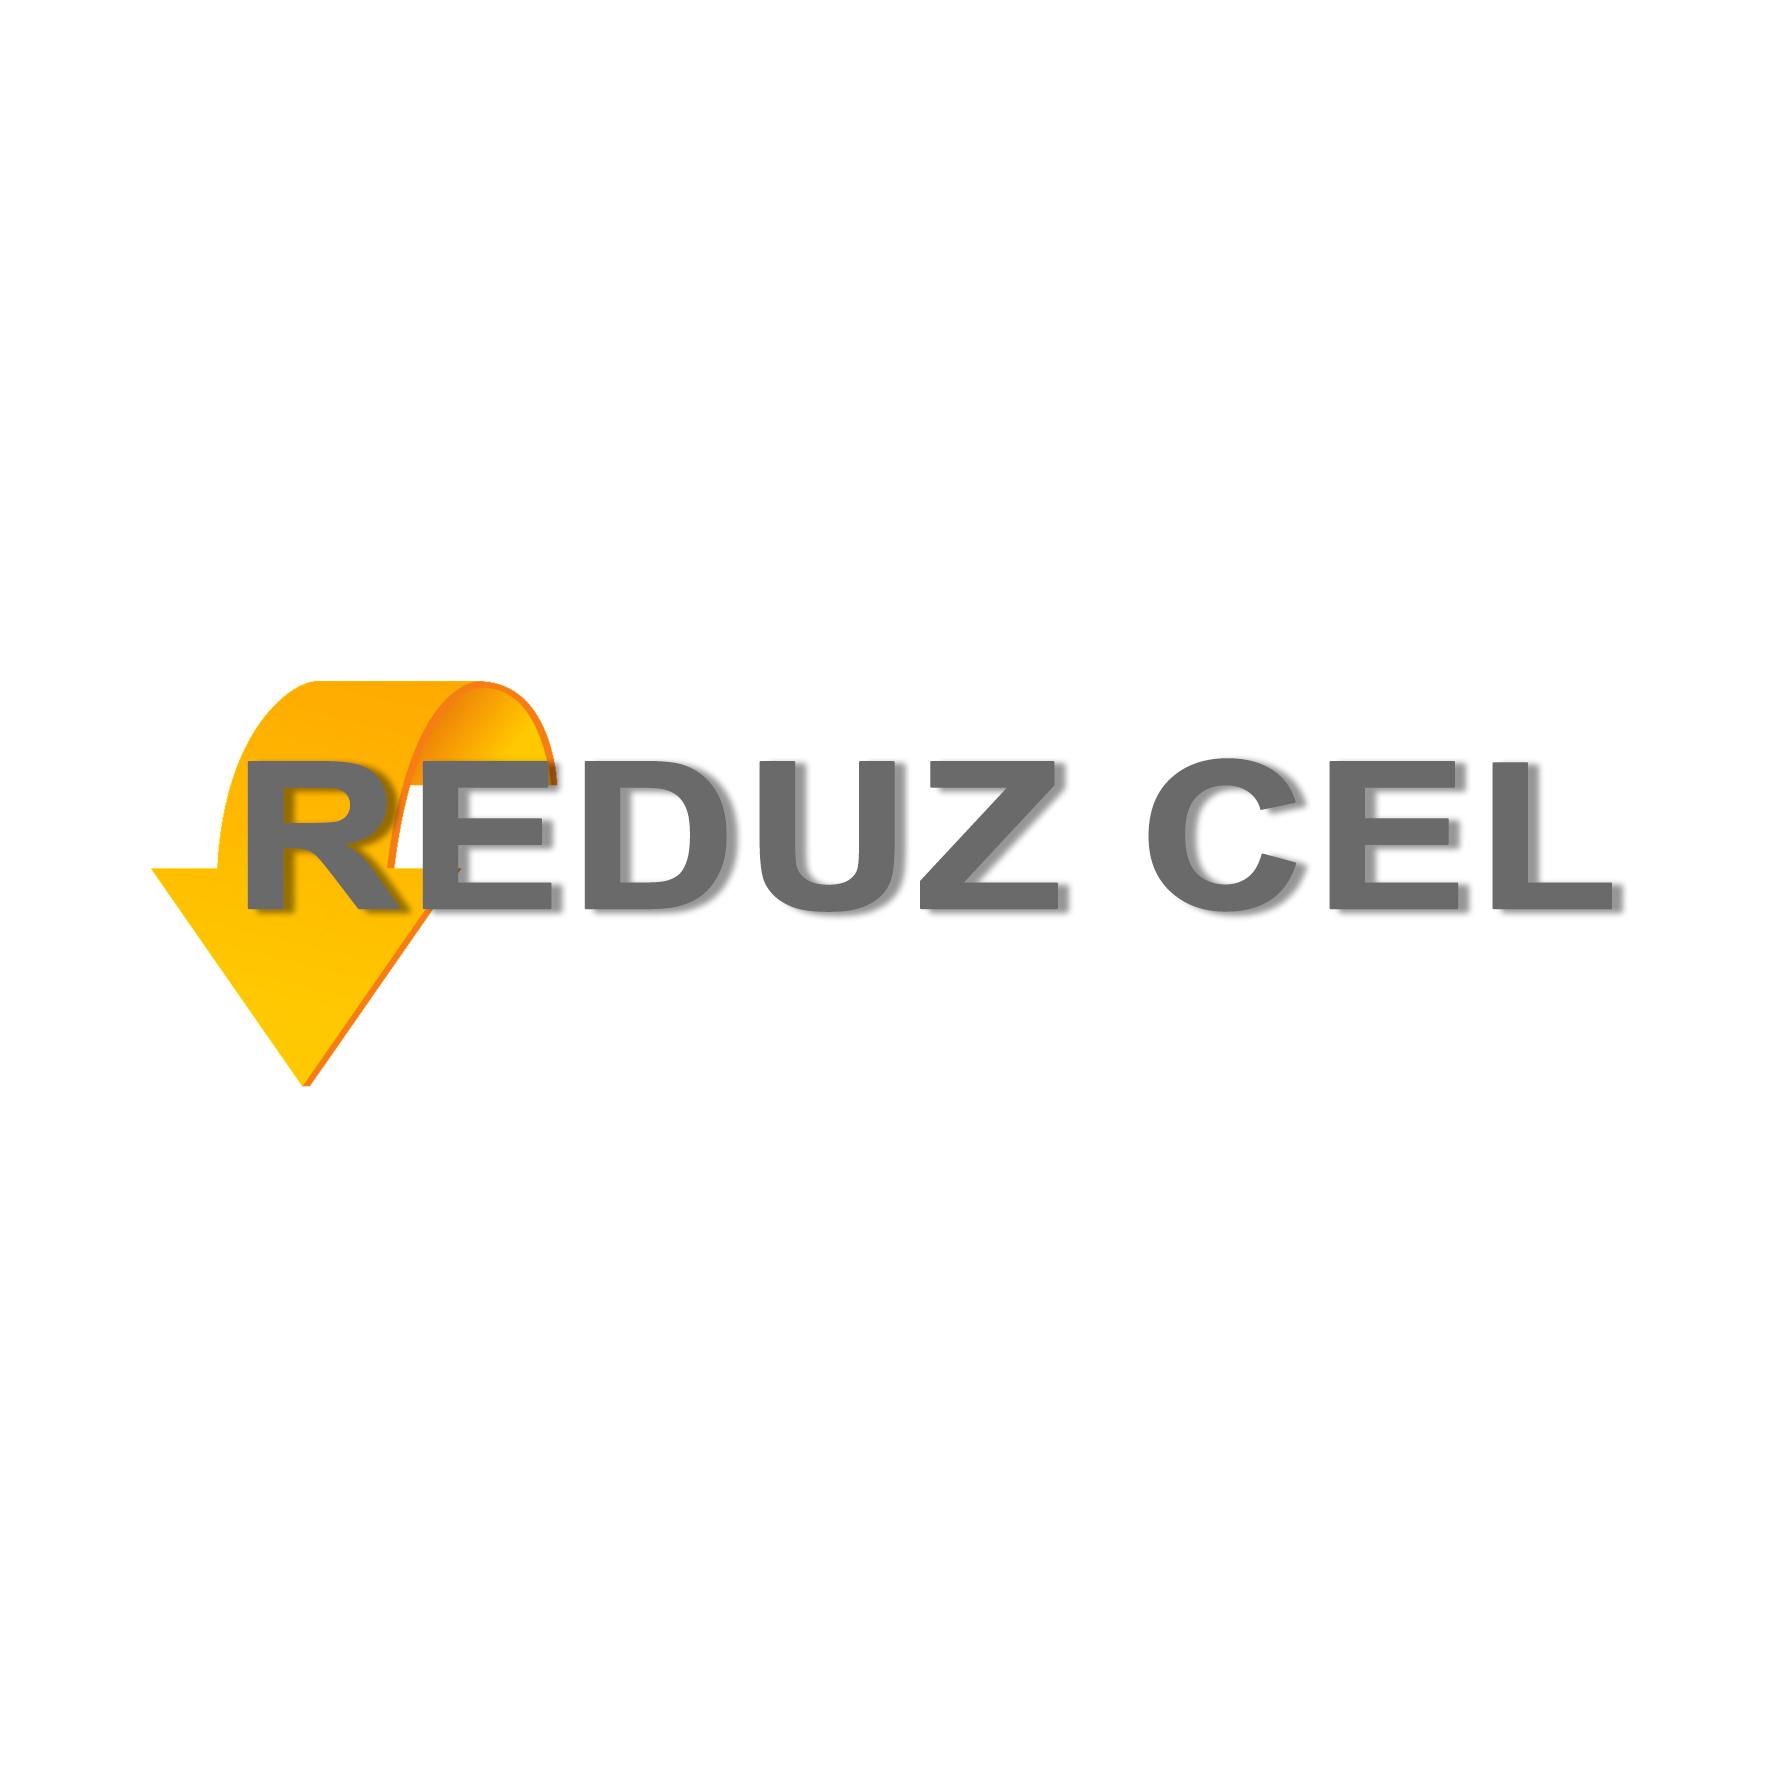 REDUZ-1